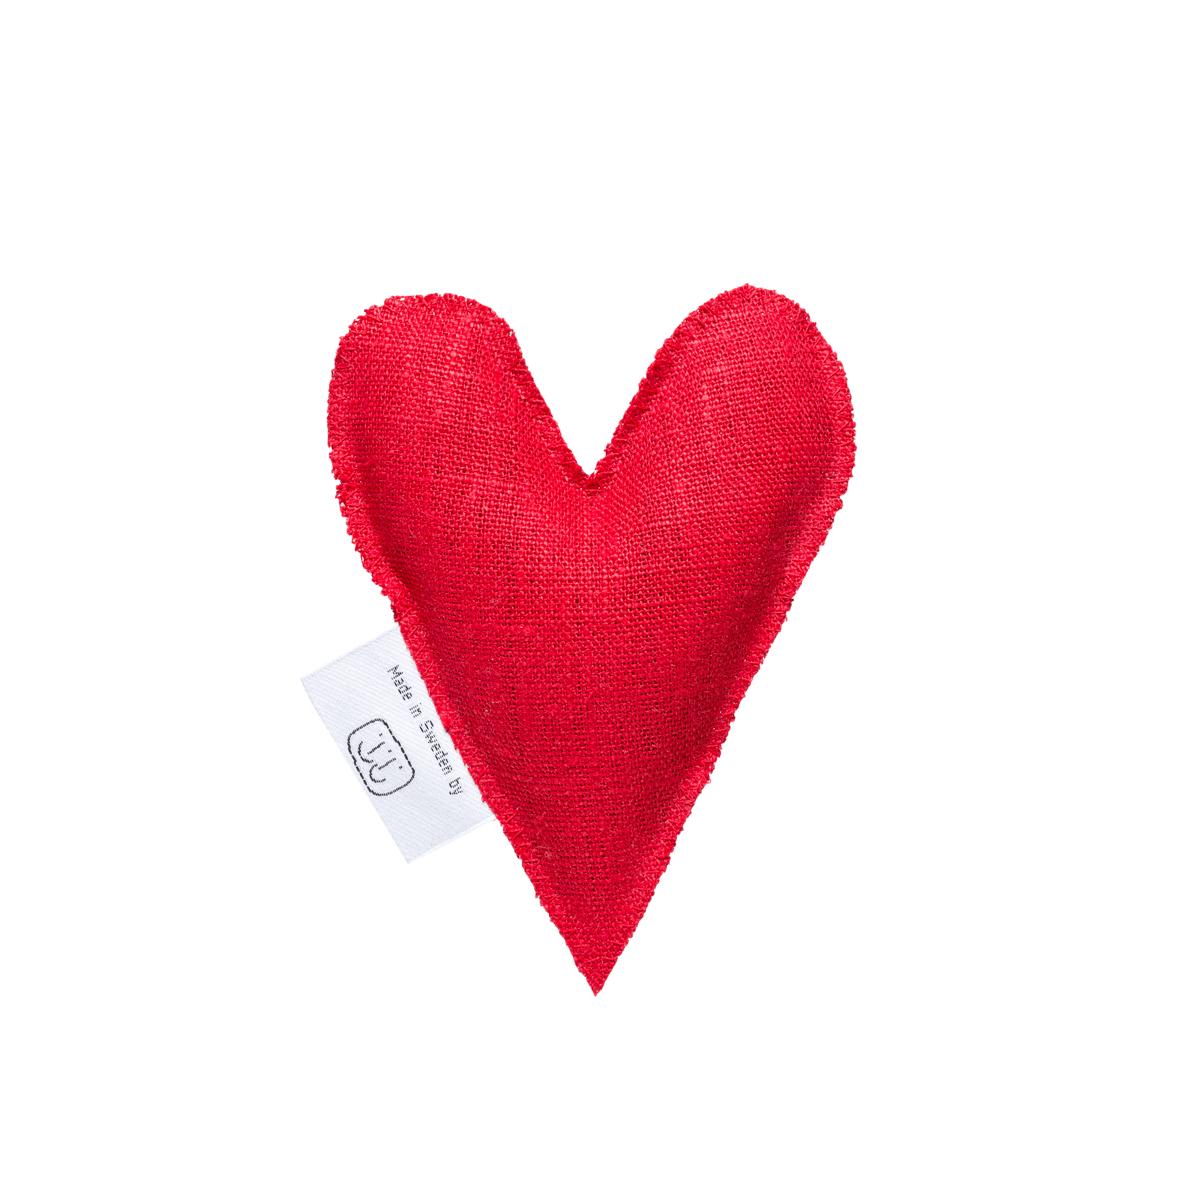 Röd lavendelhjärta